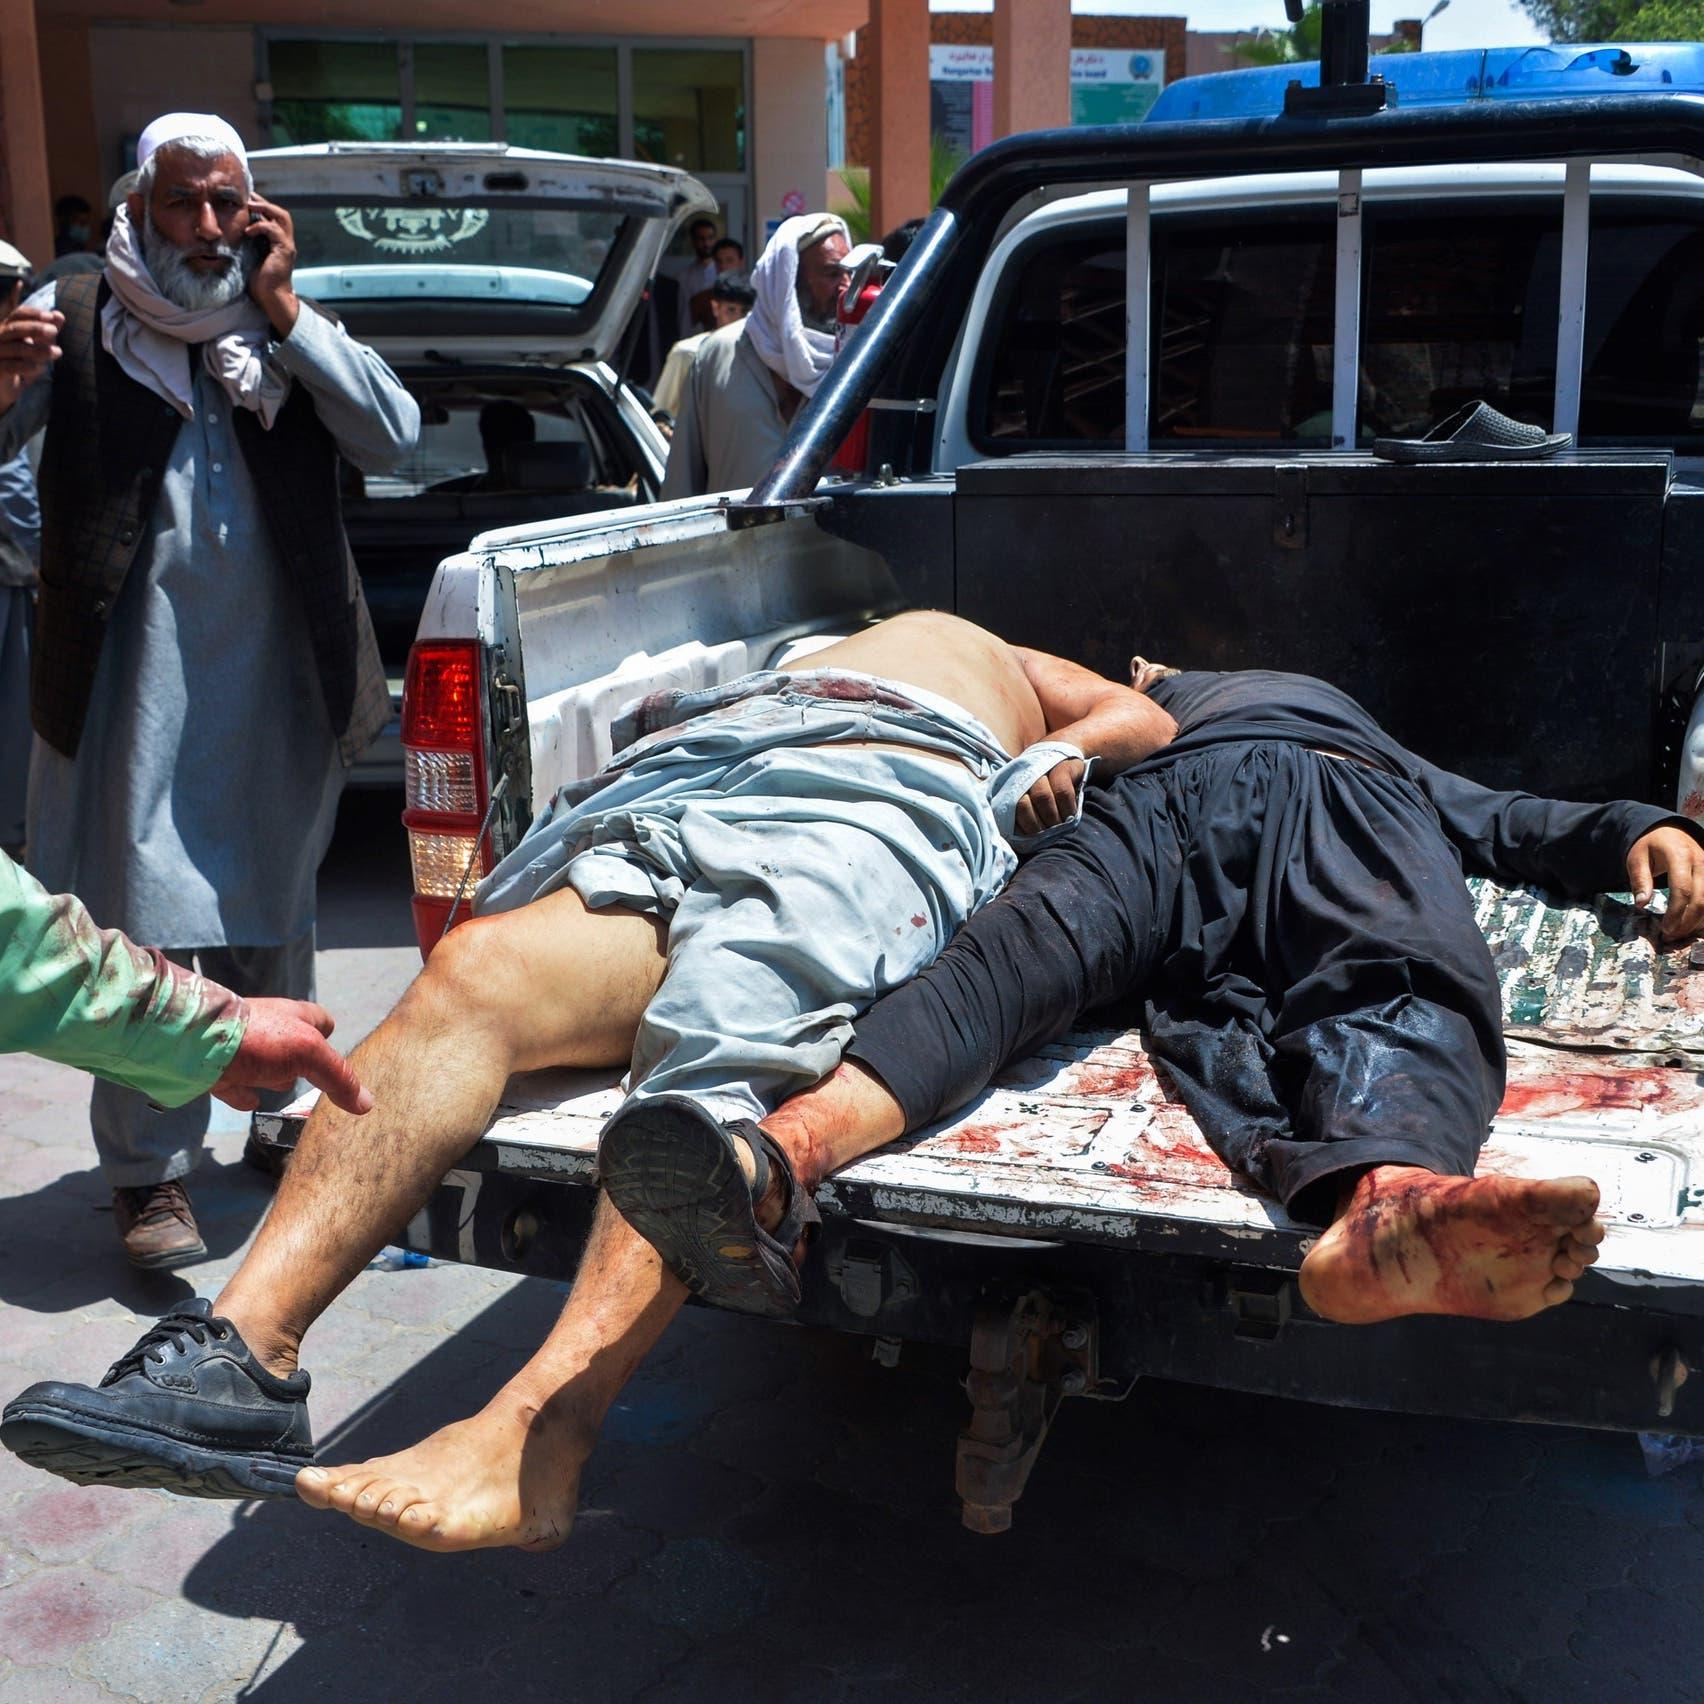 أزمة إنسانية في أفغانستان.. ارتفاع عدد القتلى لمستويات غير مسبوقة